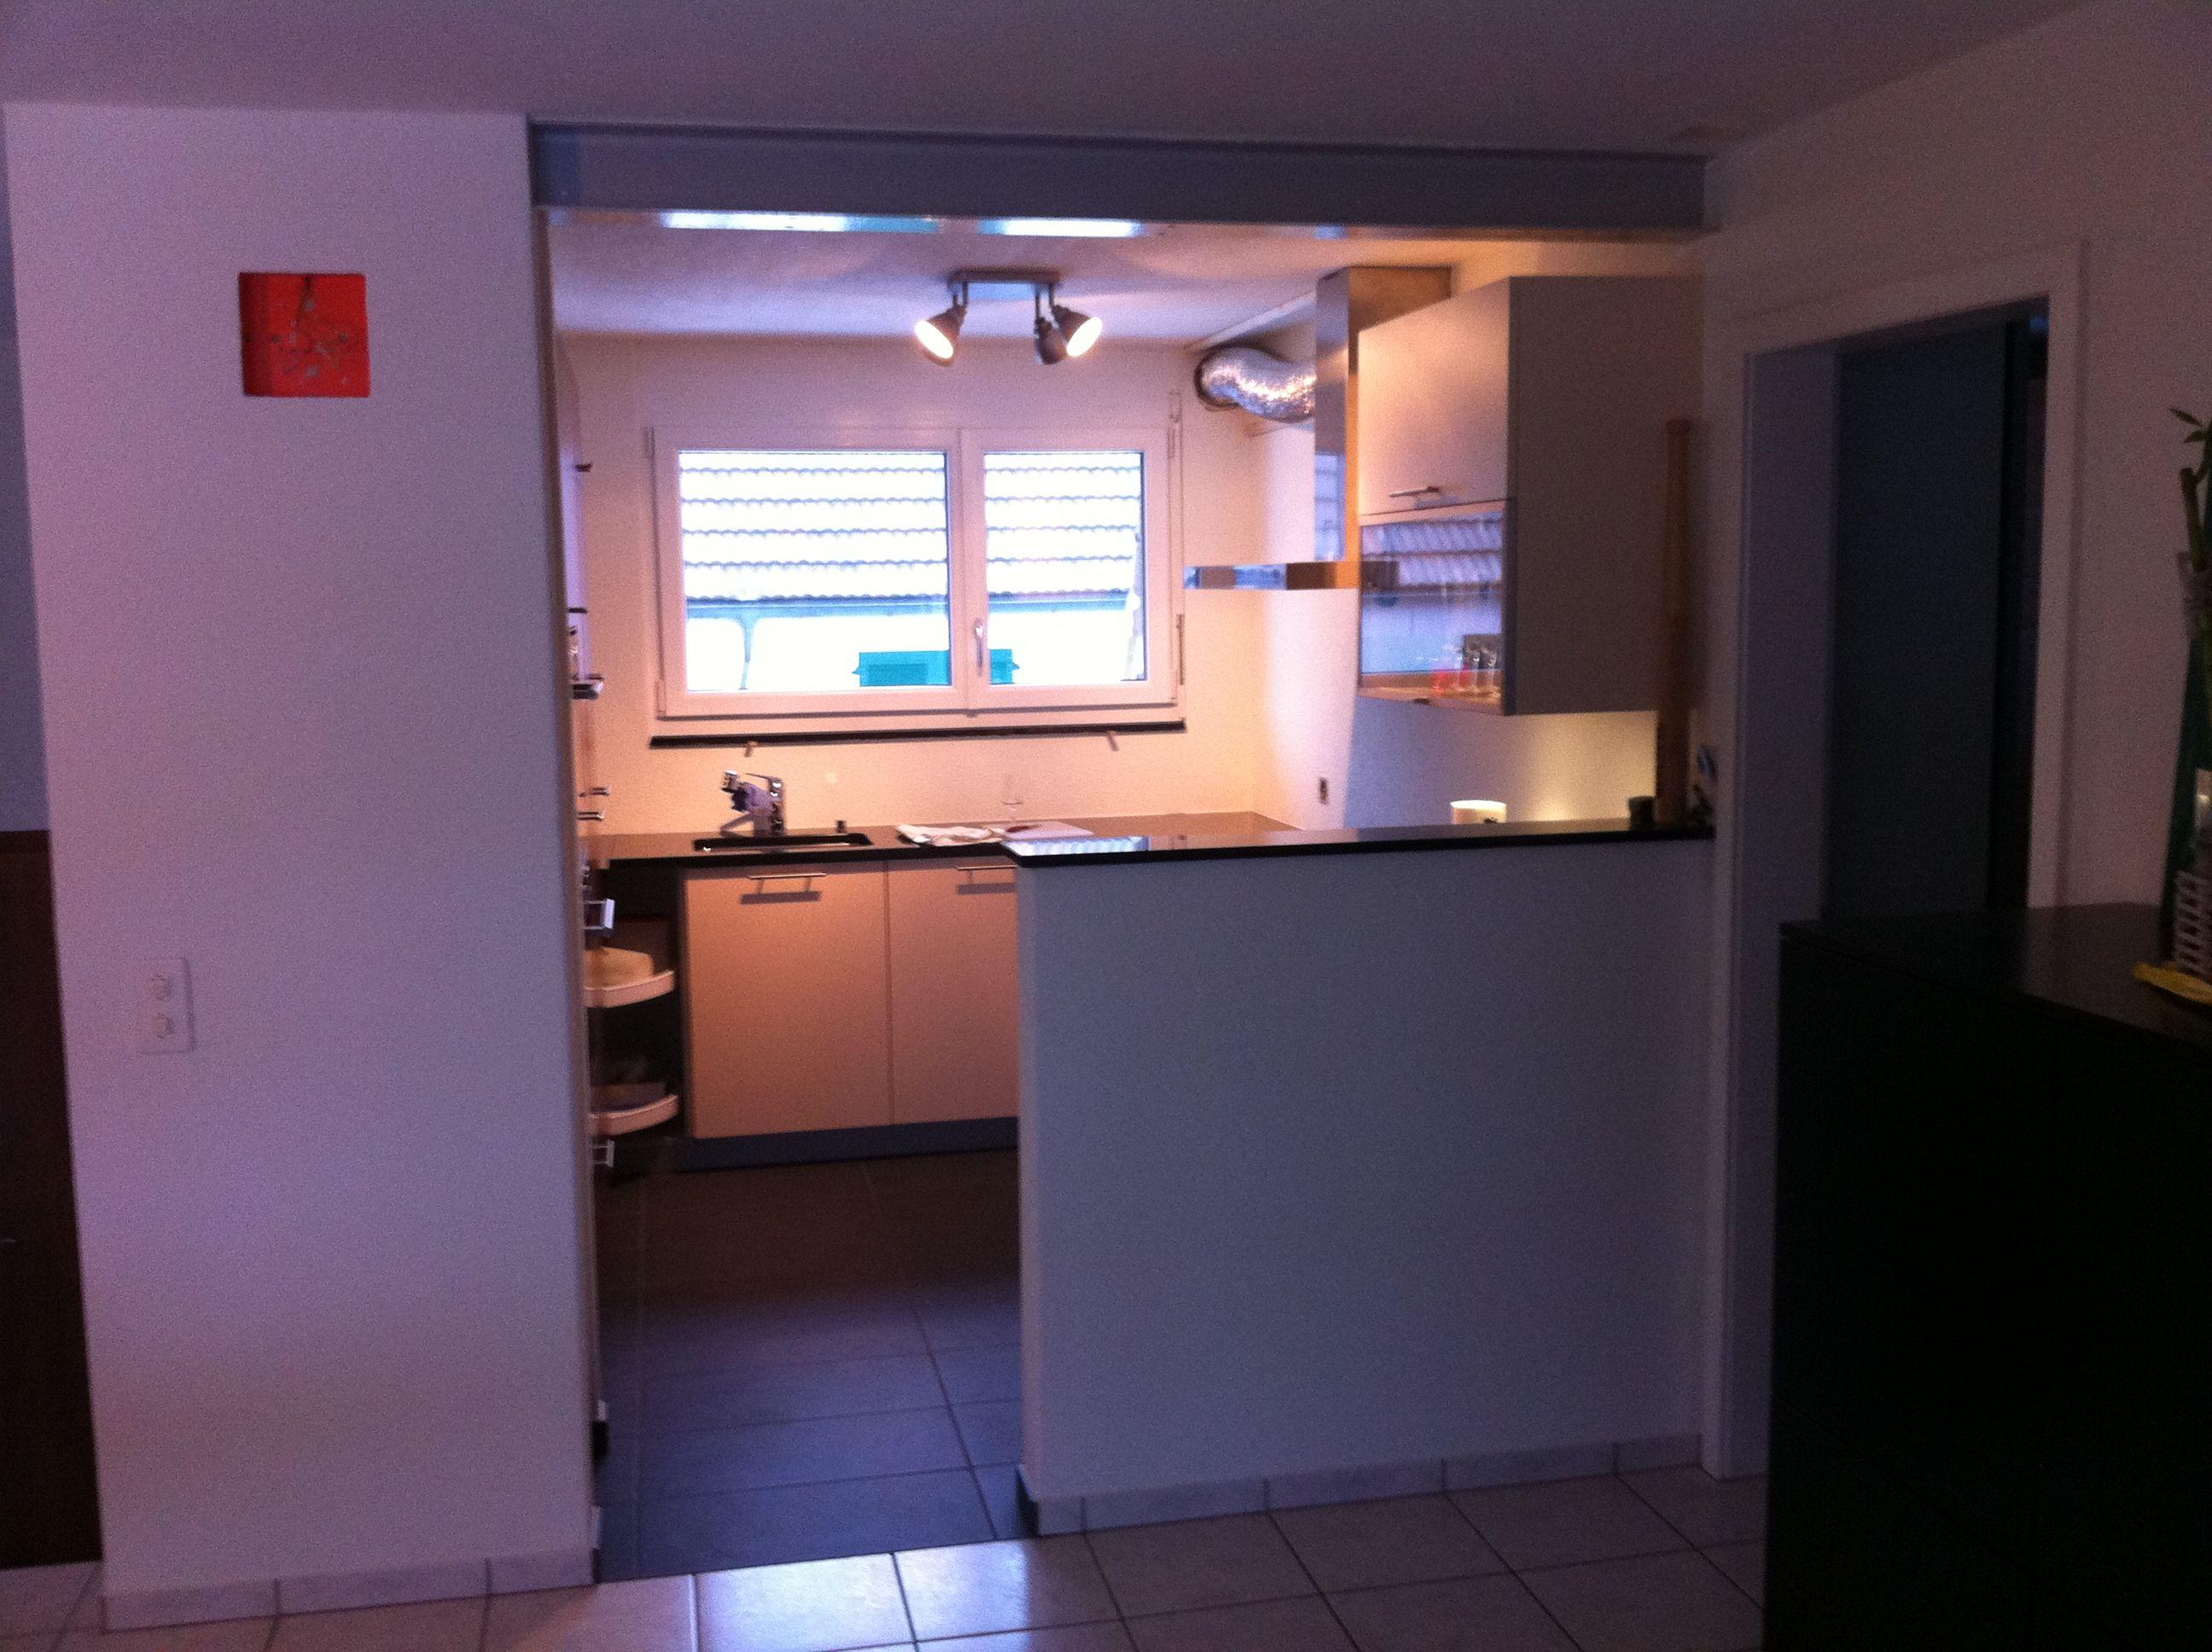 Kuche Mit Wohnzimmer Zusammen Ein Raum Zwischen Esszimmer Optisch Trennwand Wohnzimmer